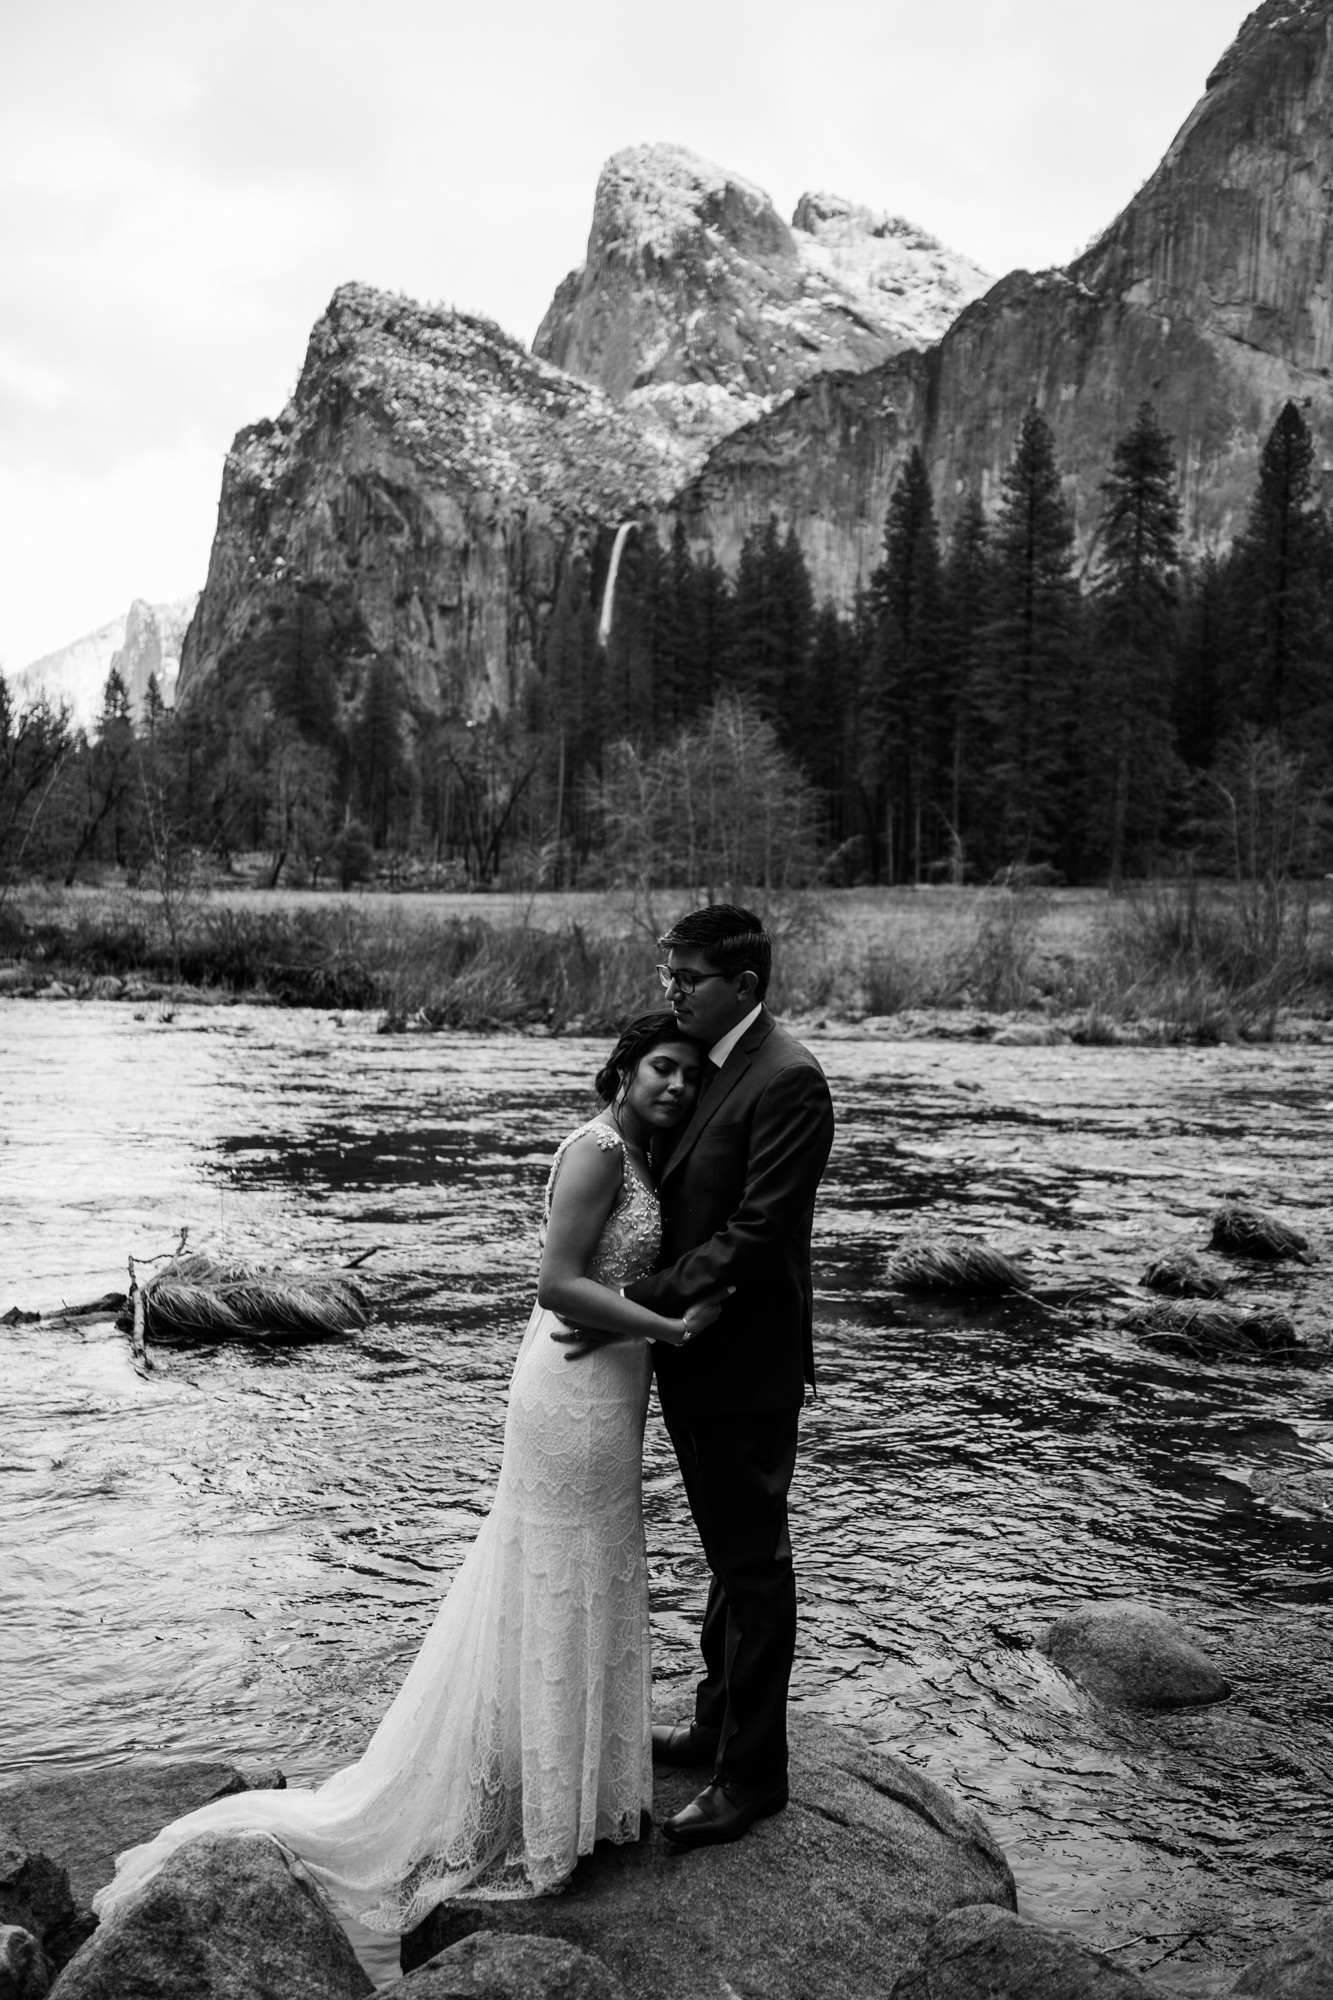 yosemite national park wedding photographer